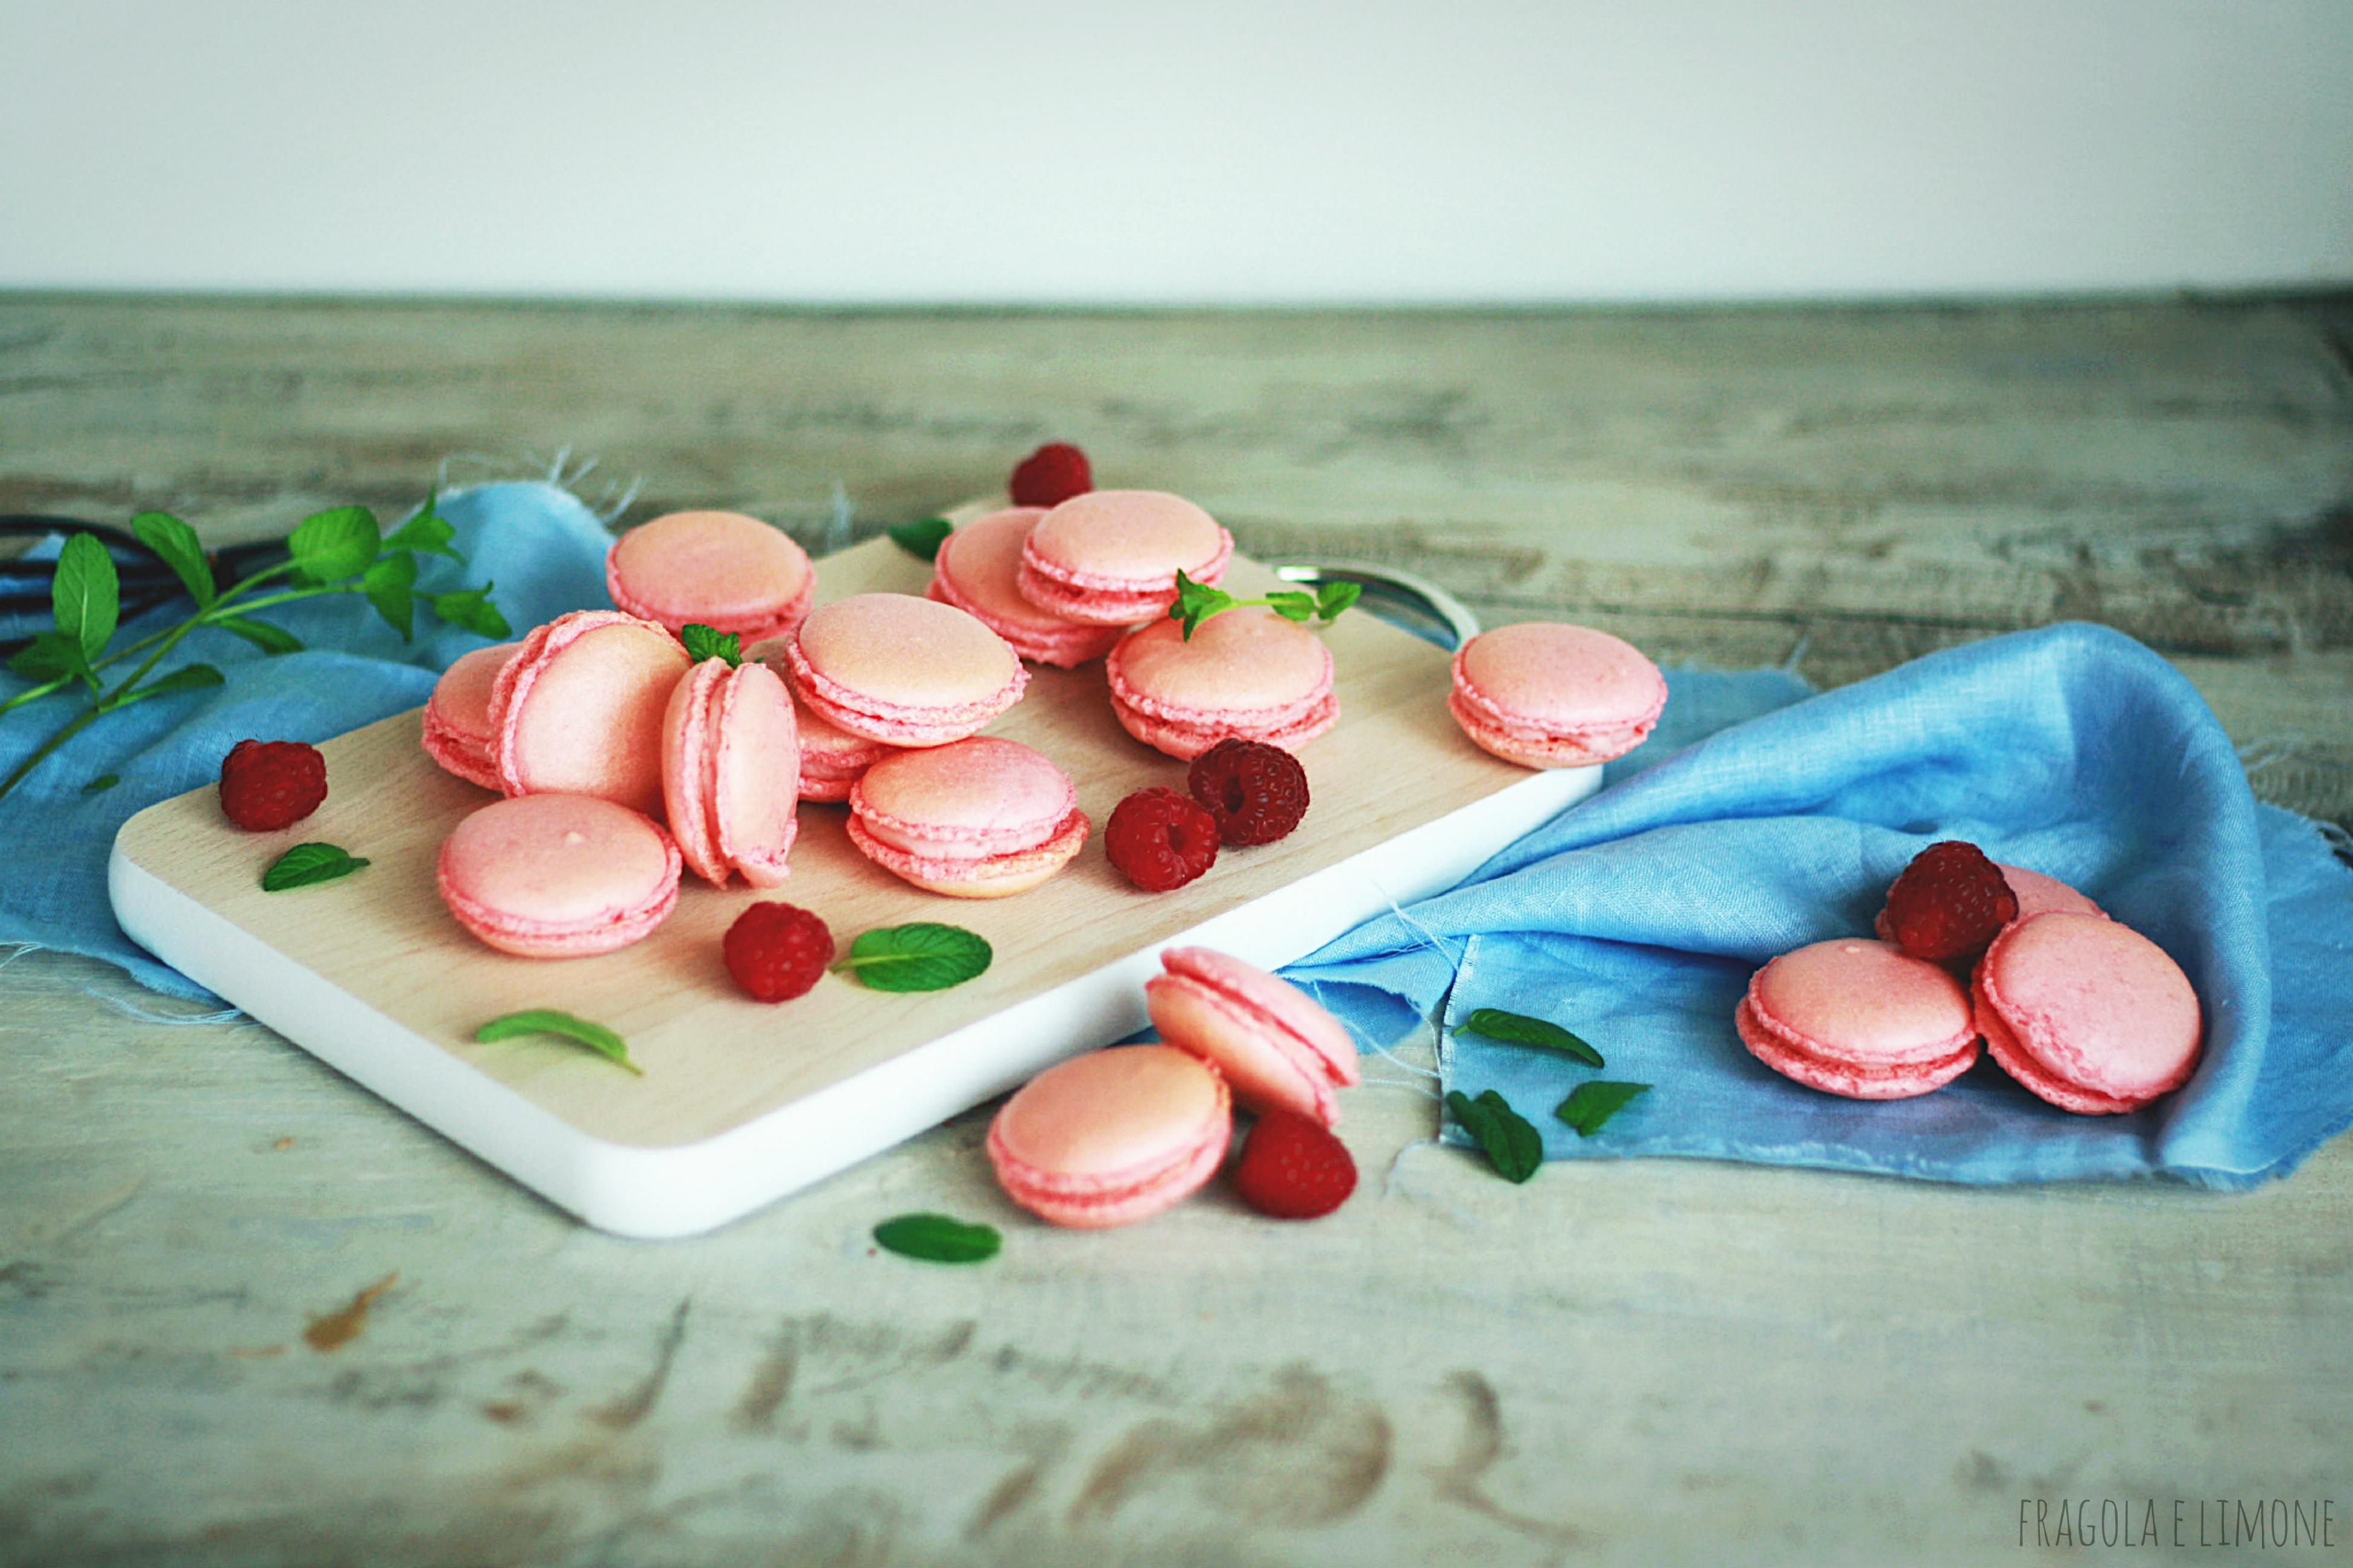 rhubarb macaron (orizzontale)